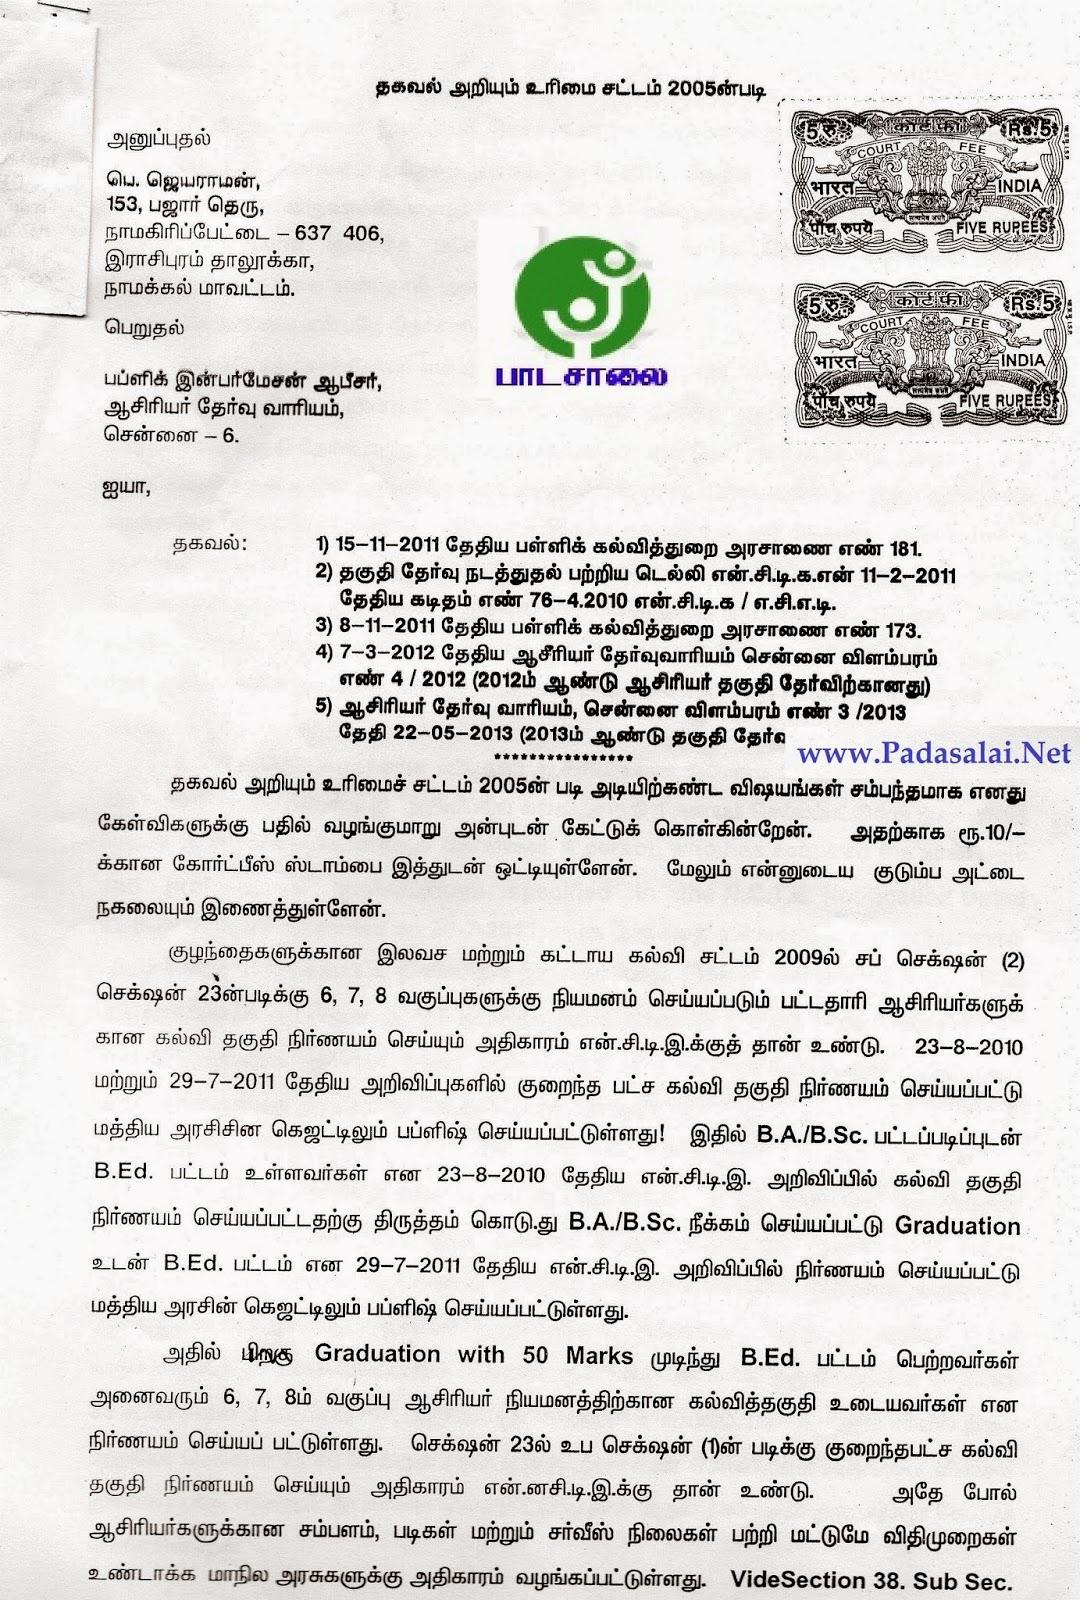 Tet notification 2015 regarding rti letter by trb thanks to mr mr manoharan karur jeyaraman